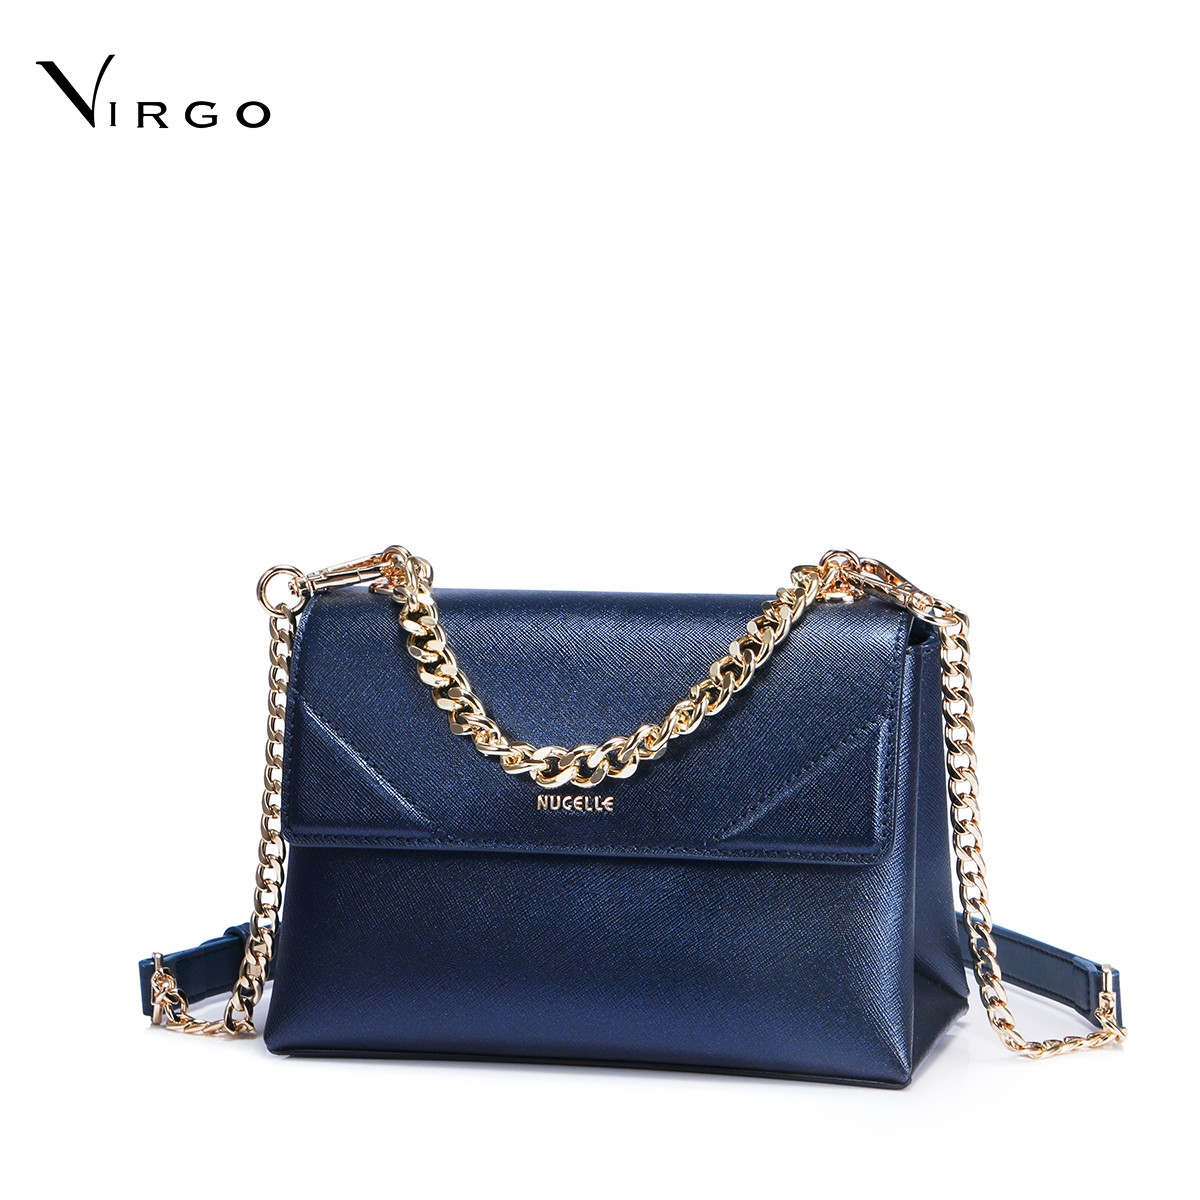 Túi nữ thời trang Nucelle Virgo VG508